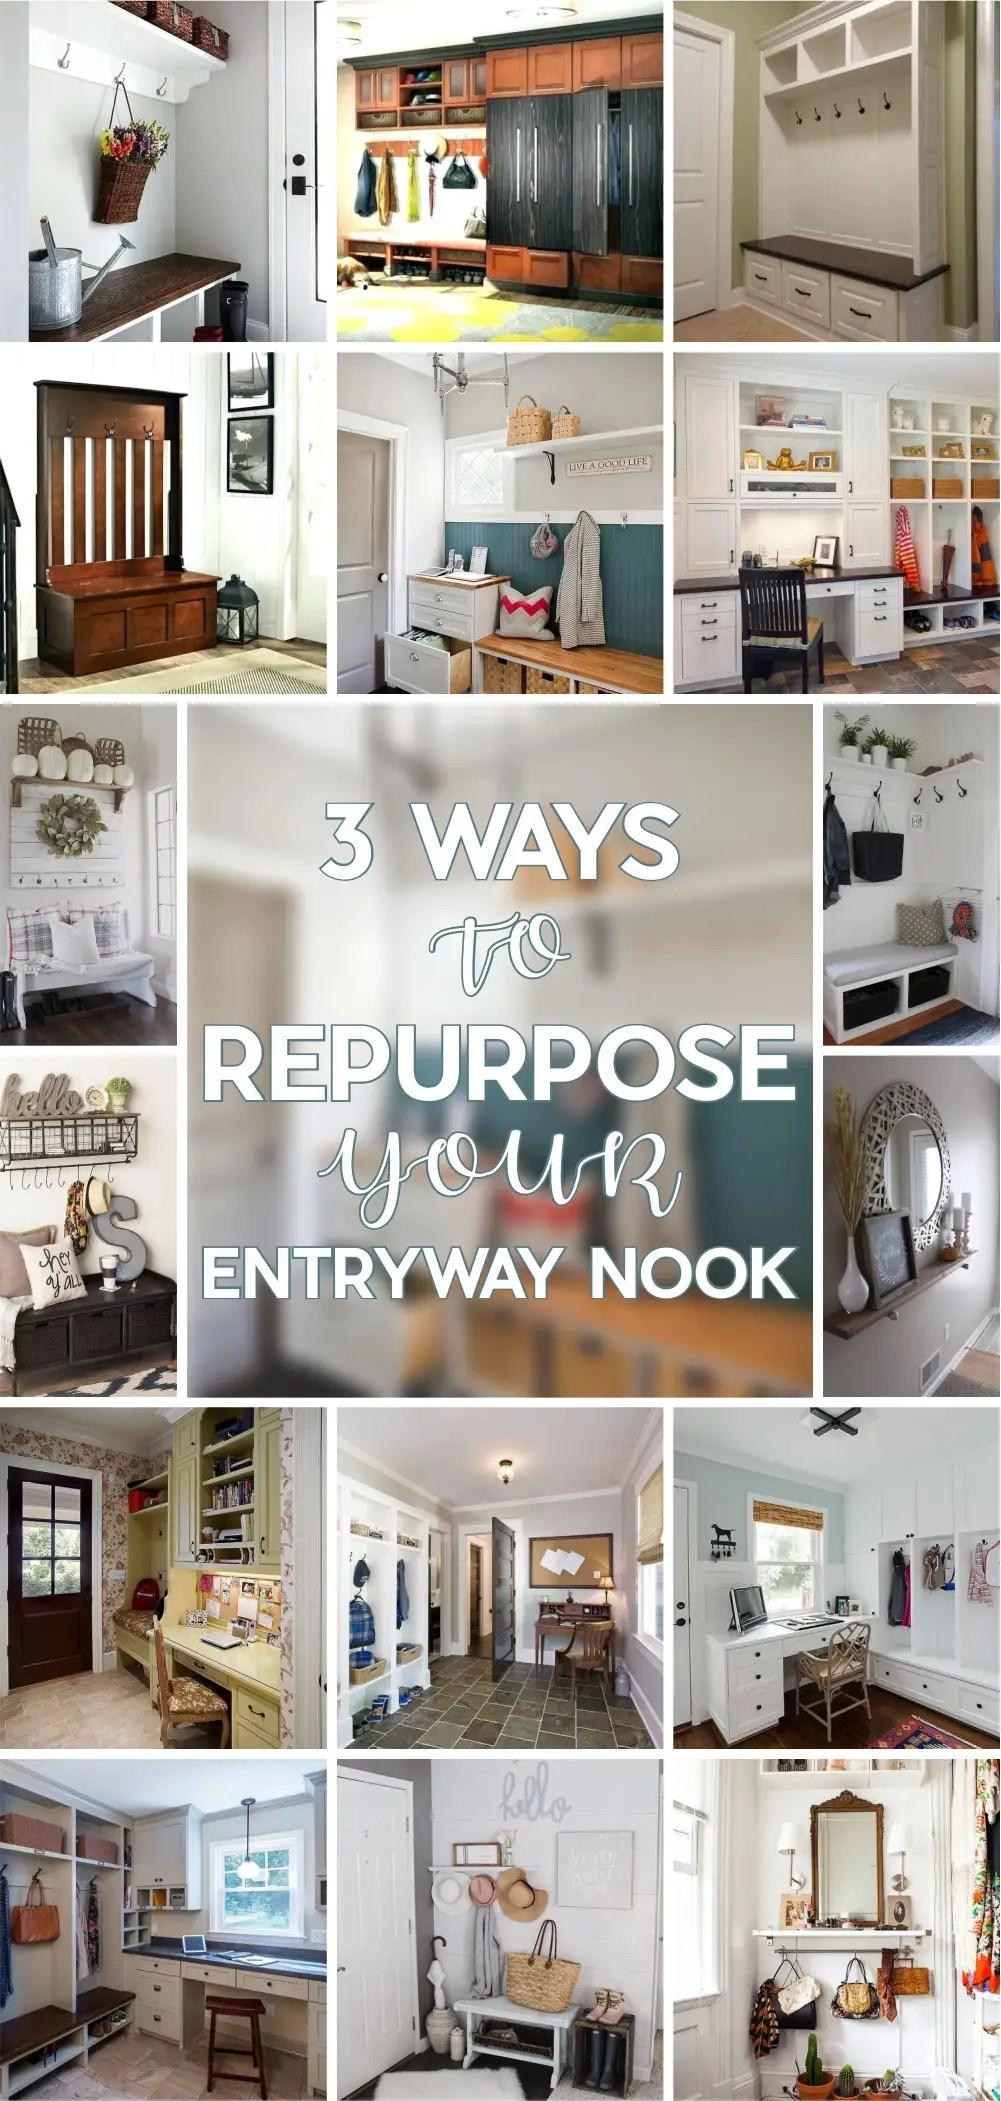 3 ways to repurpose your entryway nook 1